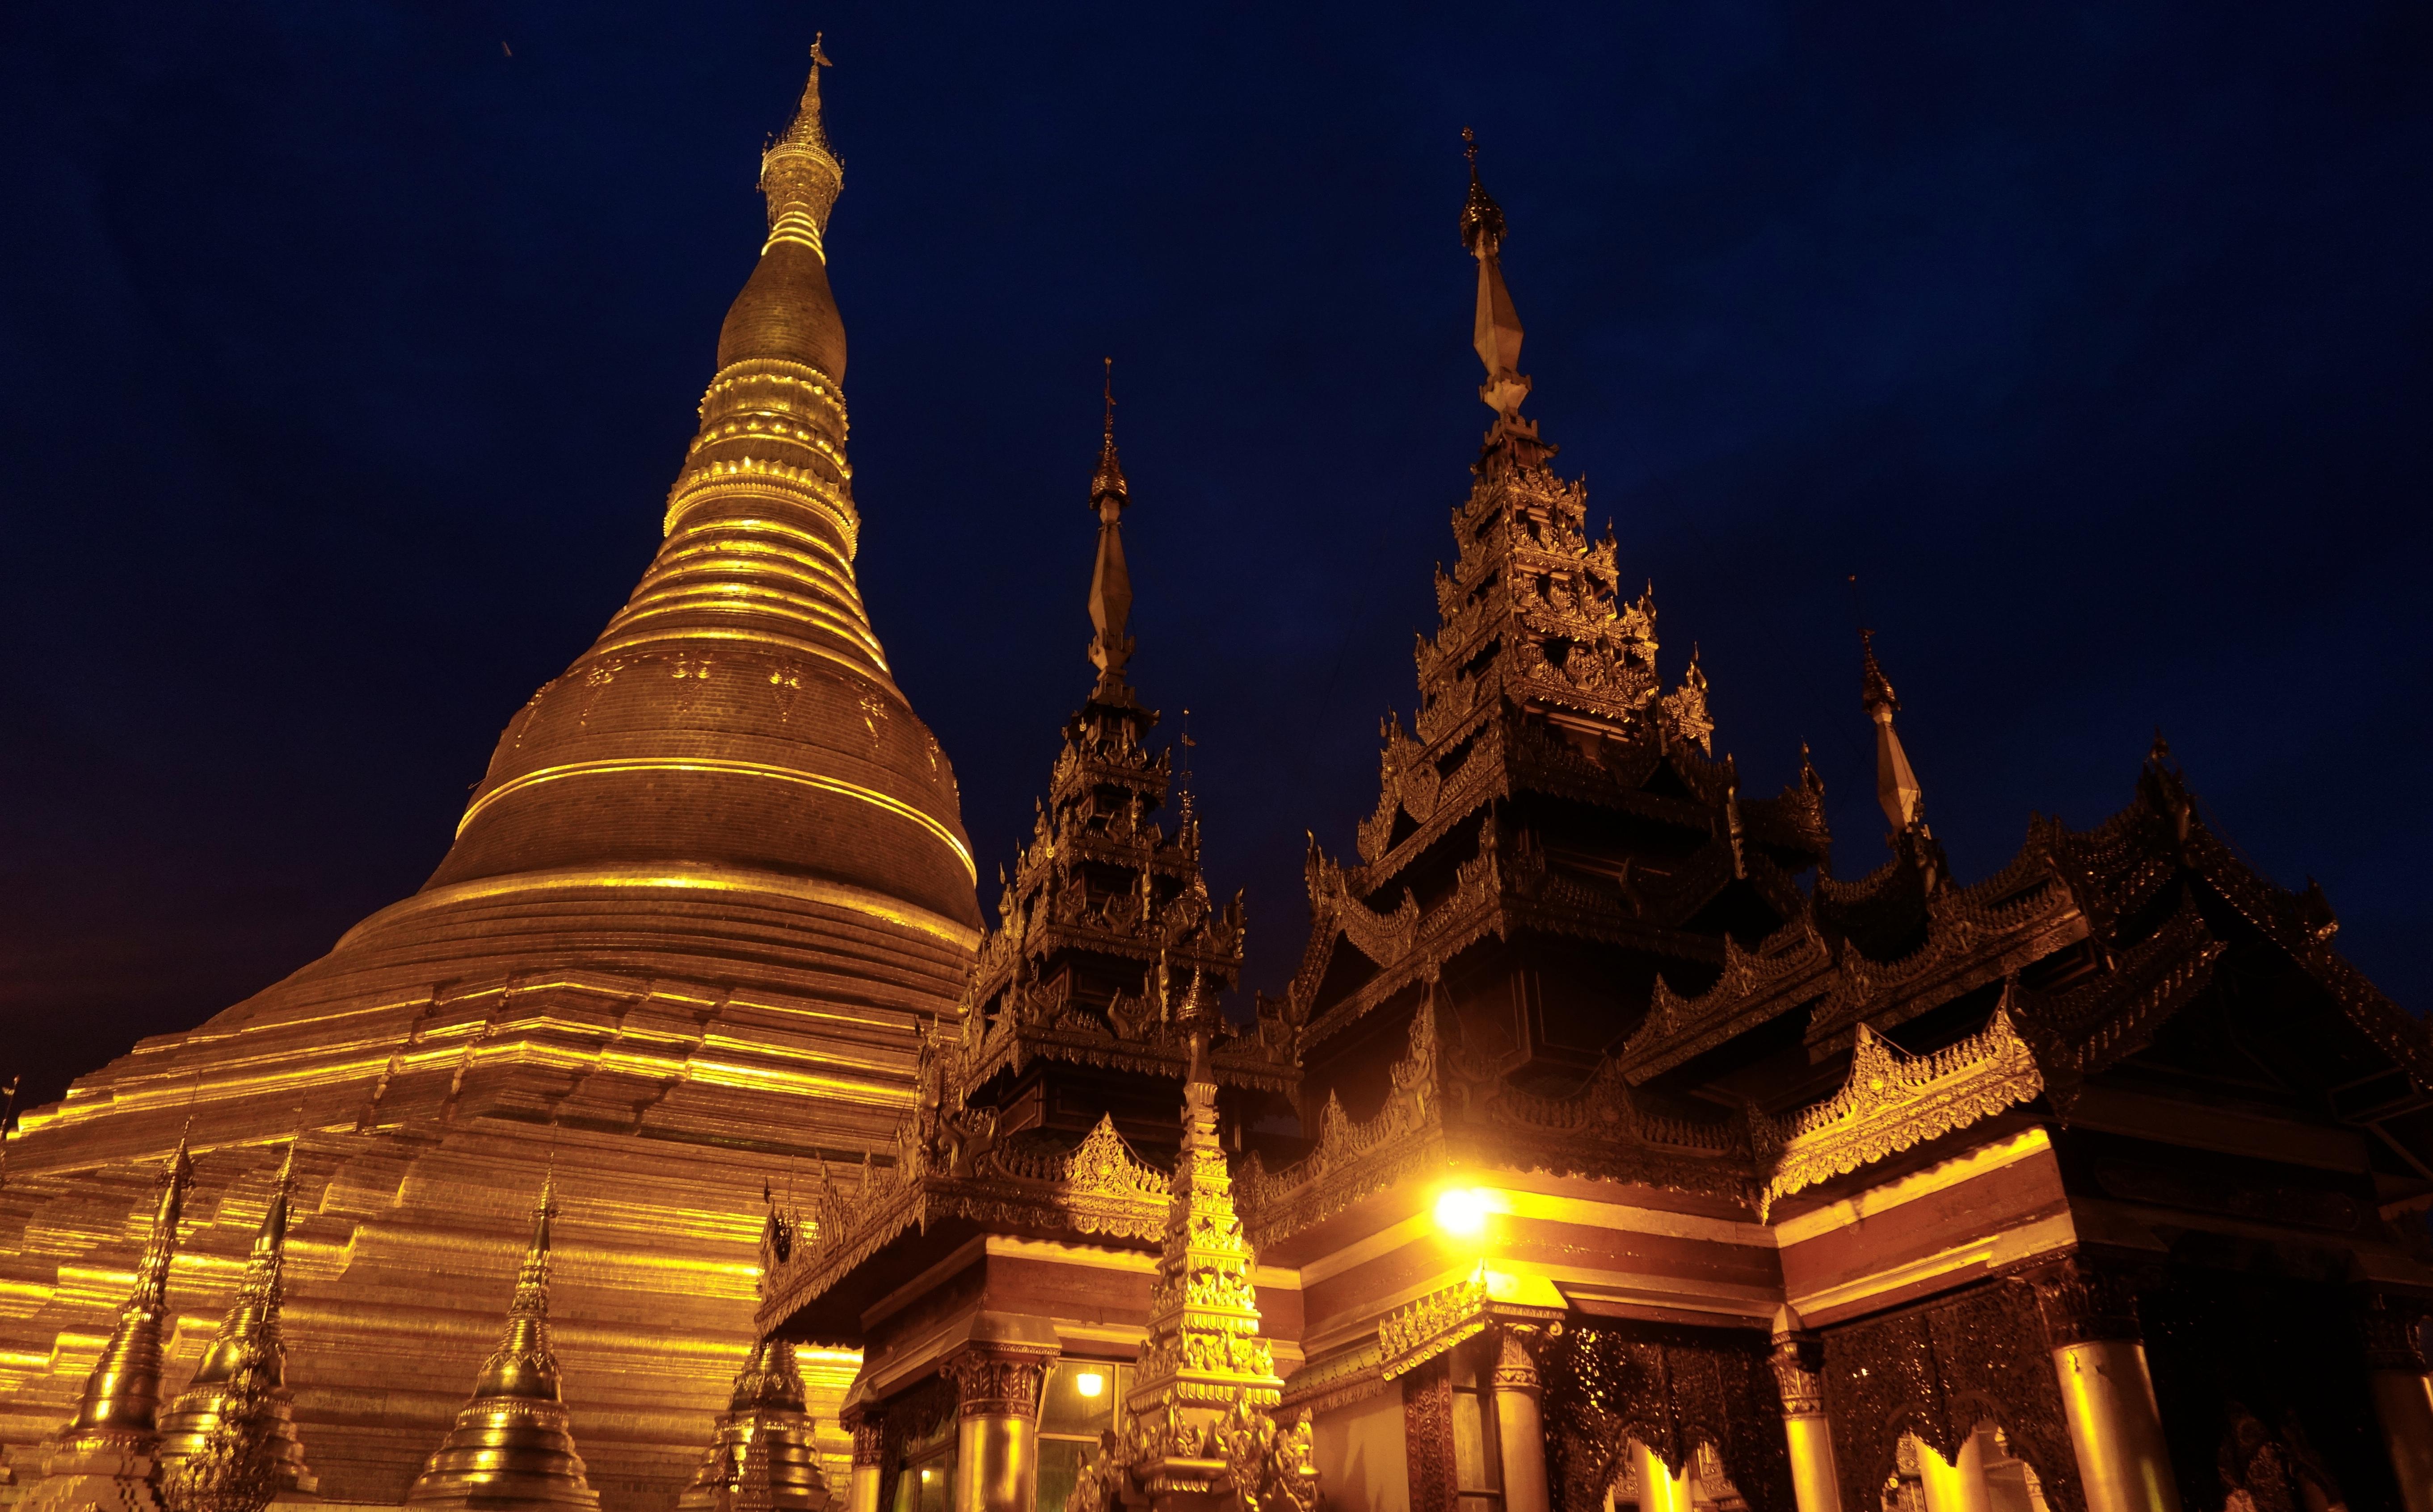 Shwedagon Pagoda Wallpaper, Check Out Shwedagon Pagoda ...